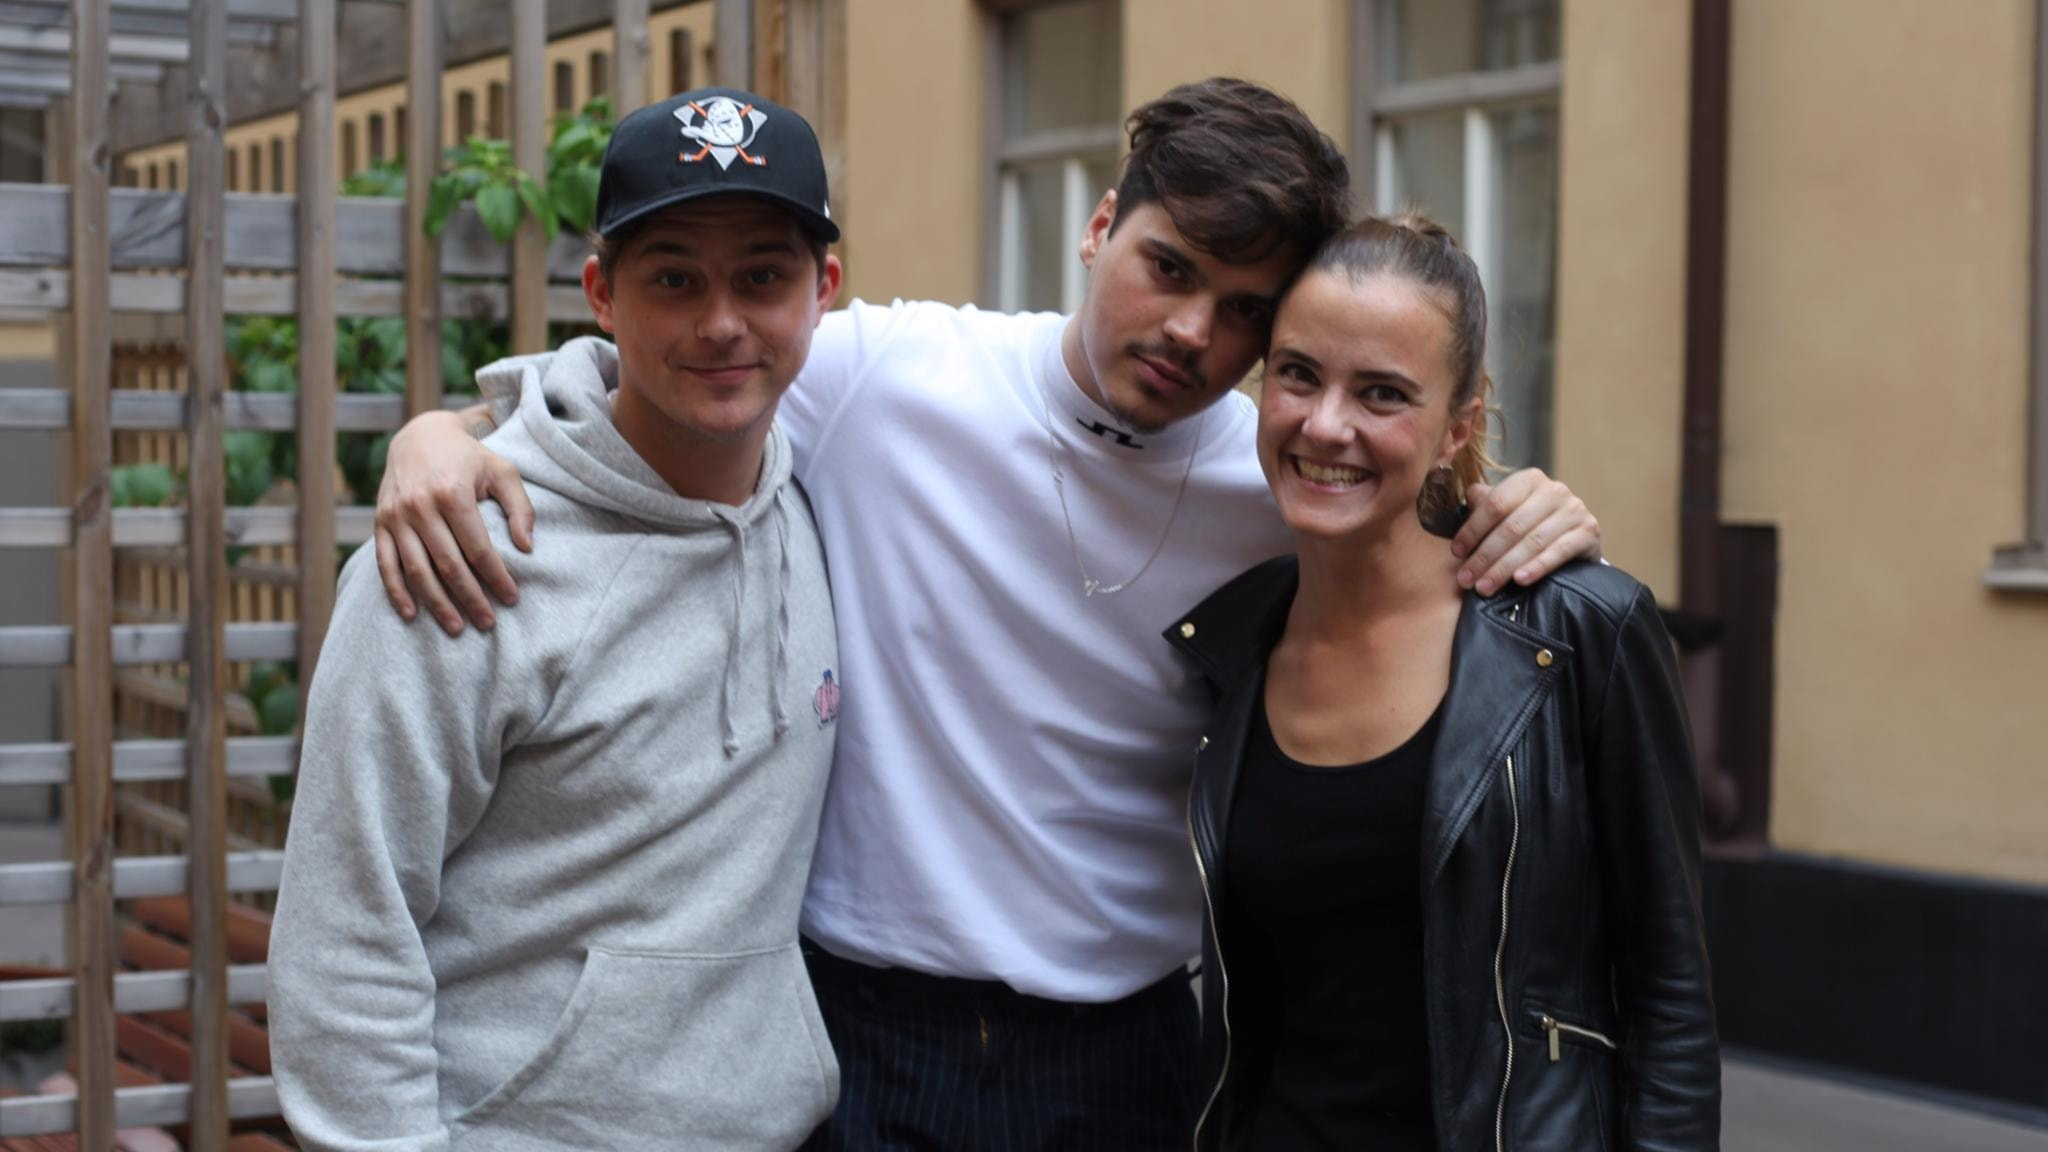 Charlie Gustafsson, Oscar Zia & Katarina Gospic